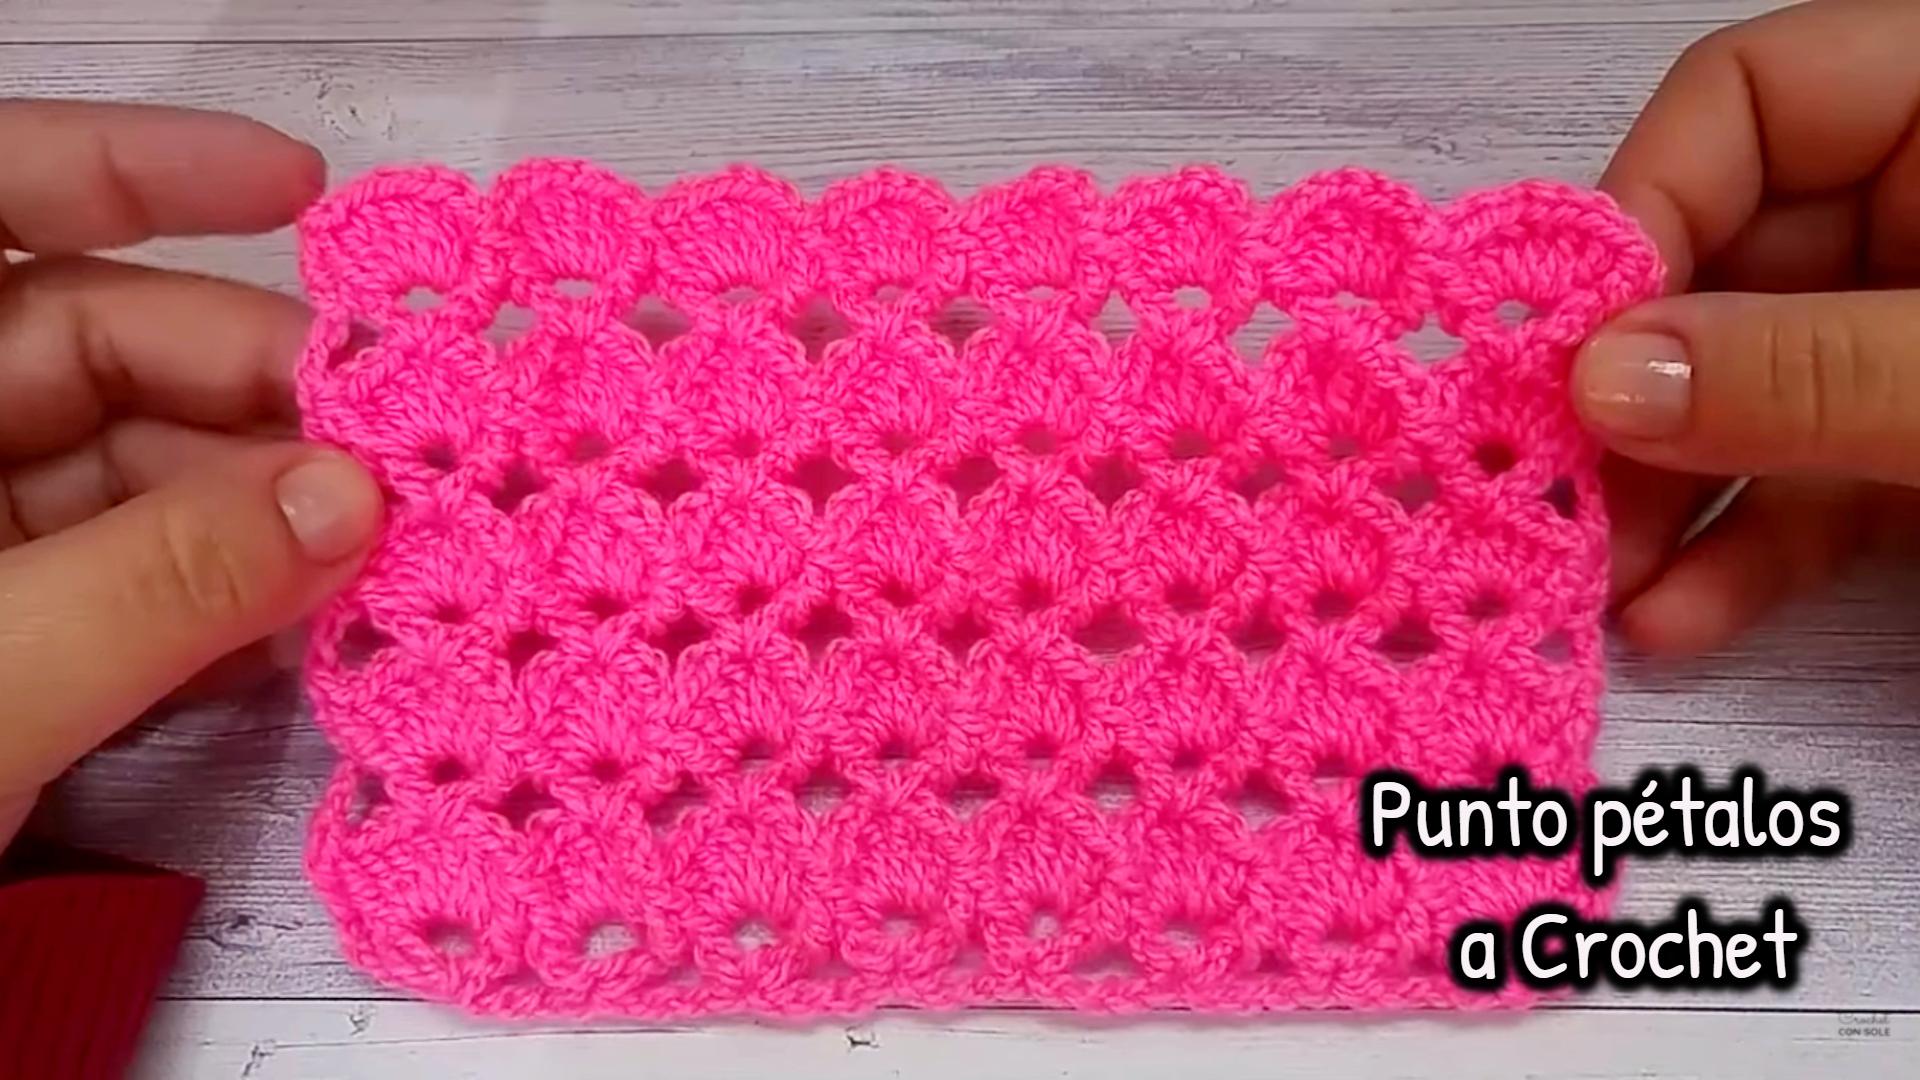 Hermoso Punto pétalos a crochet